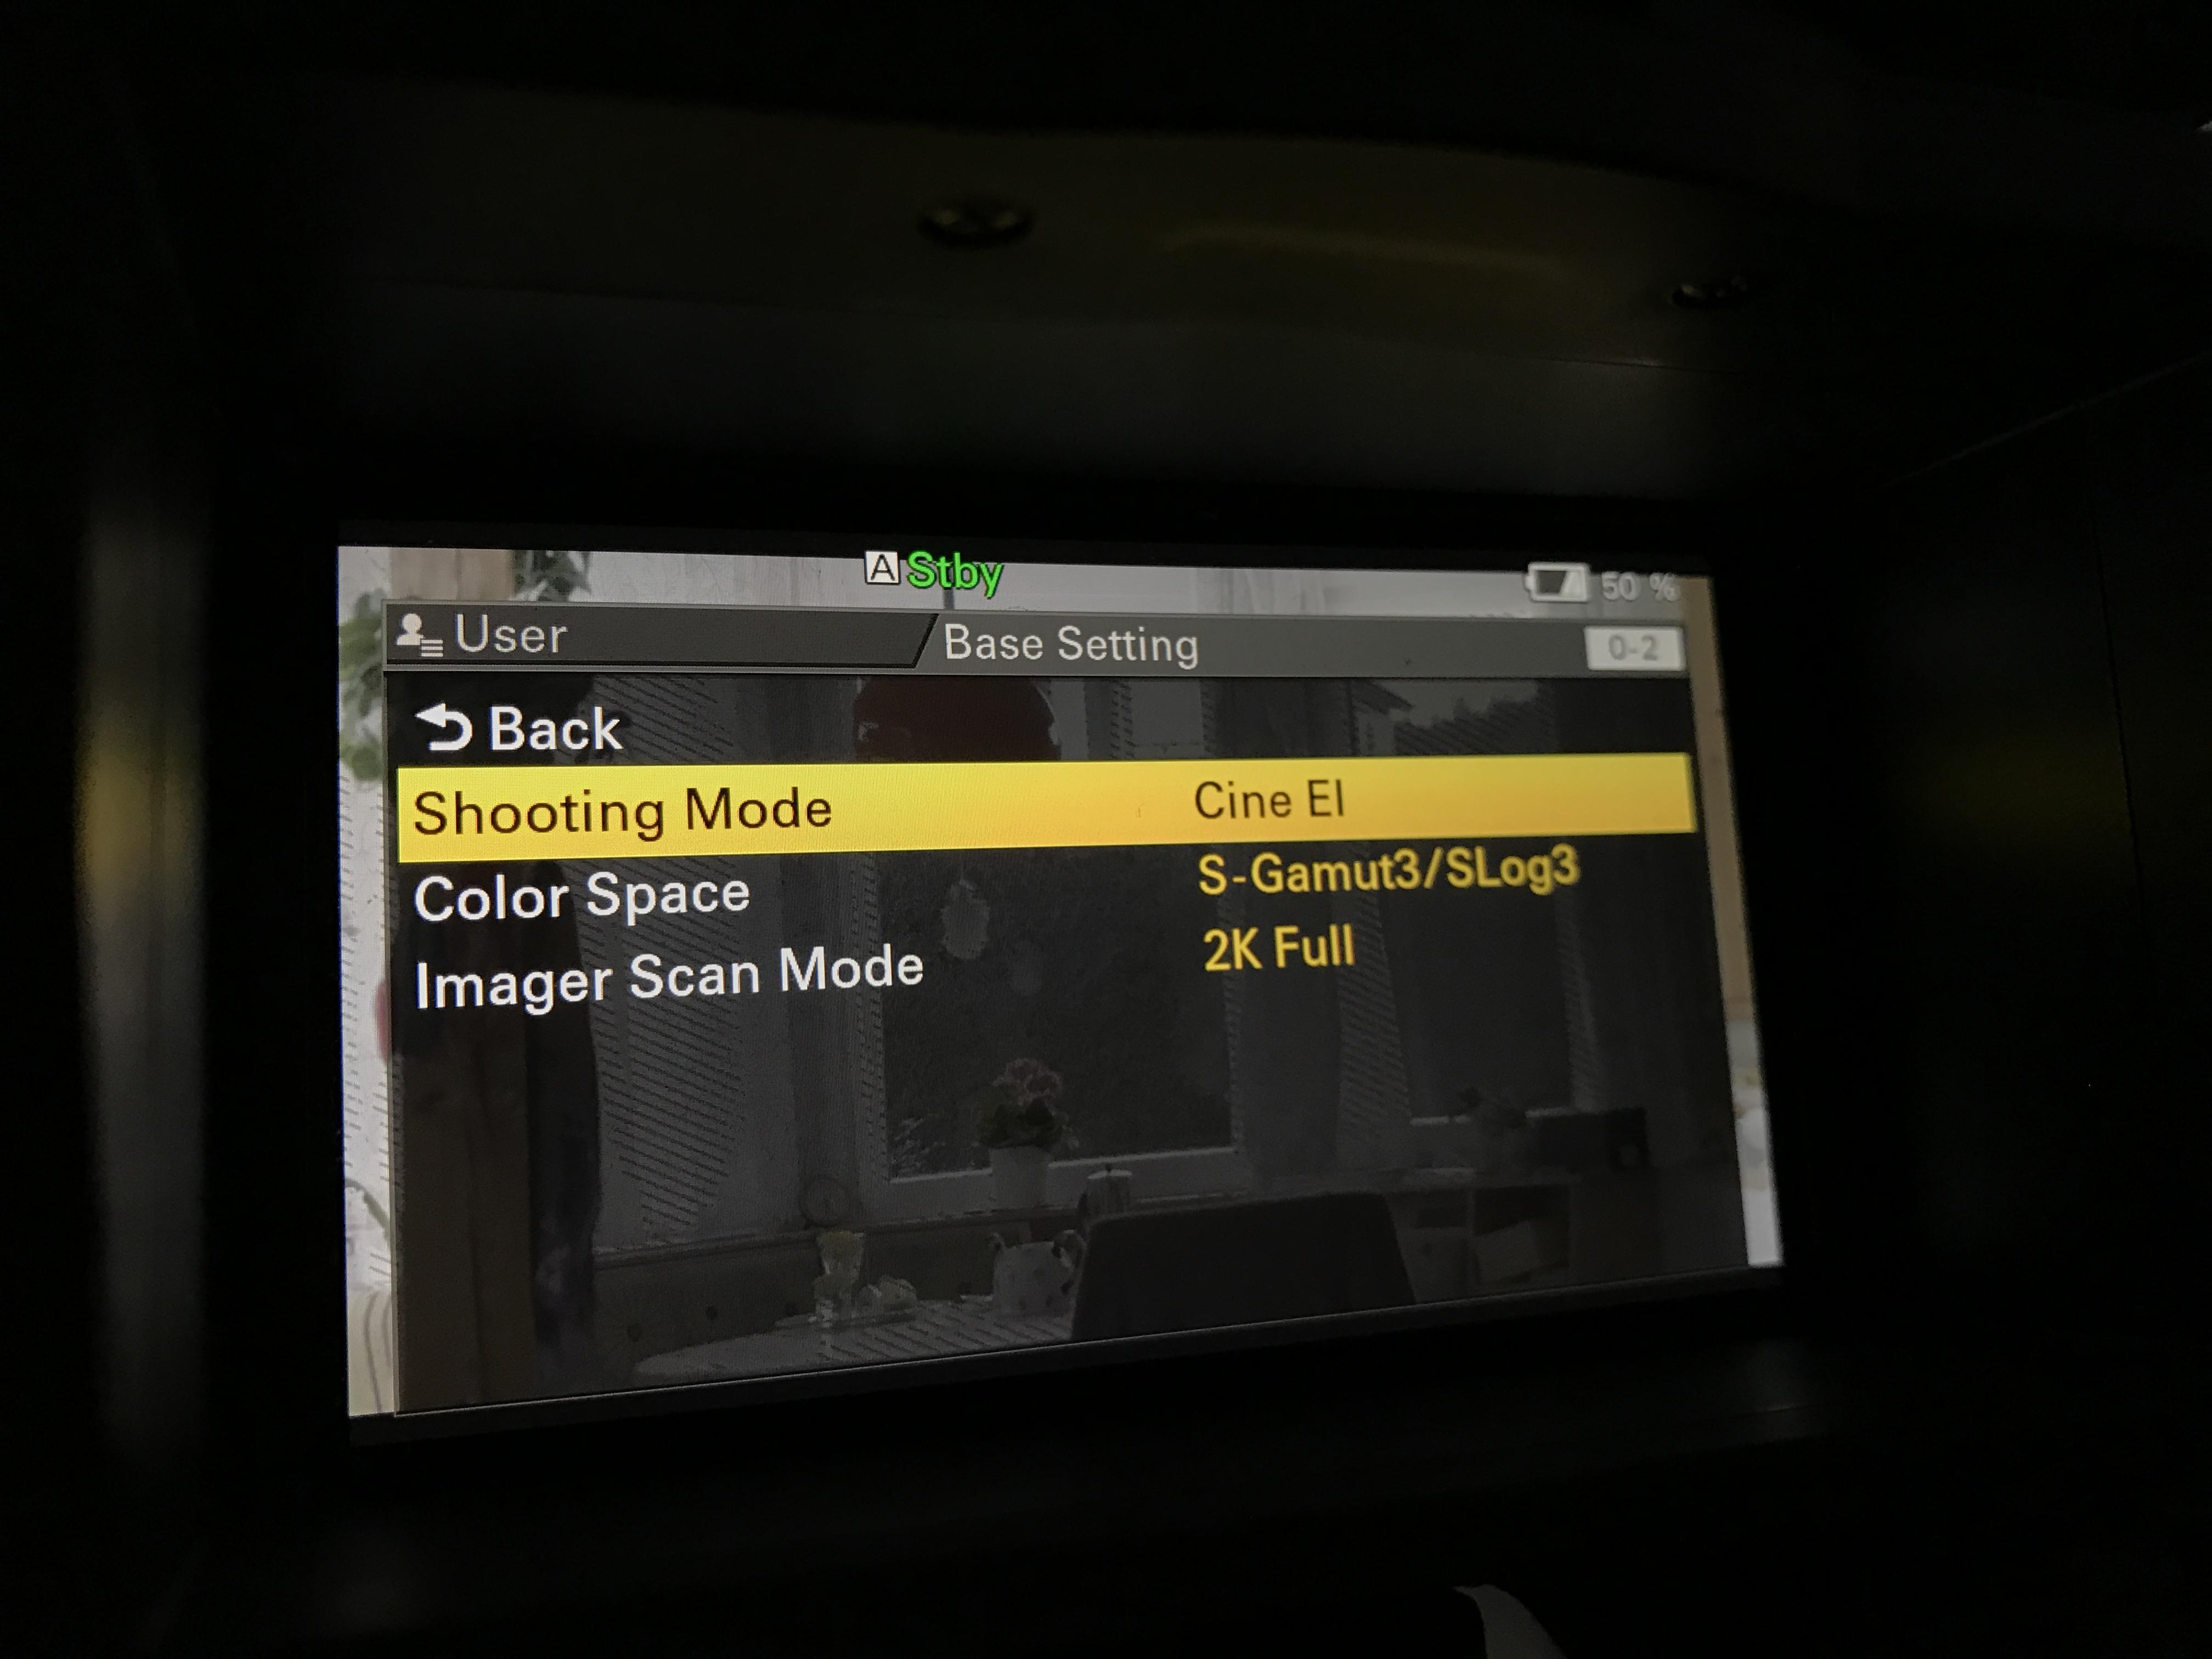 Einstellungen Atomos Inferno Sony FS7 240fps Slow Motion 12bit RAW via SDI